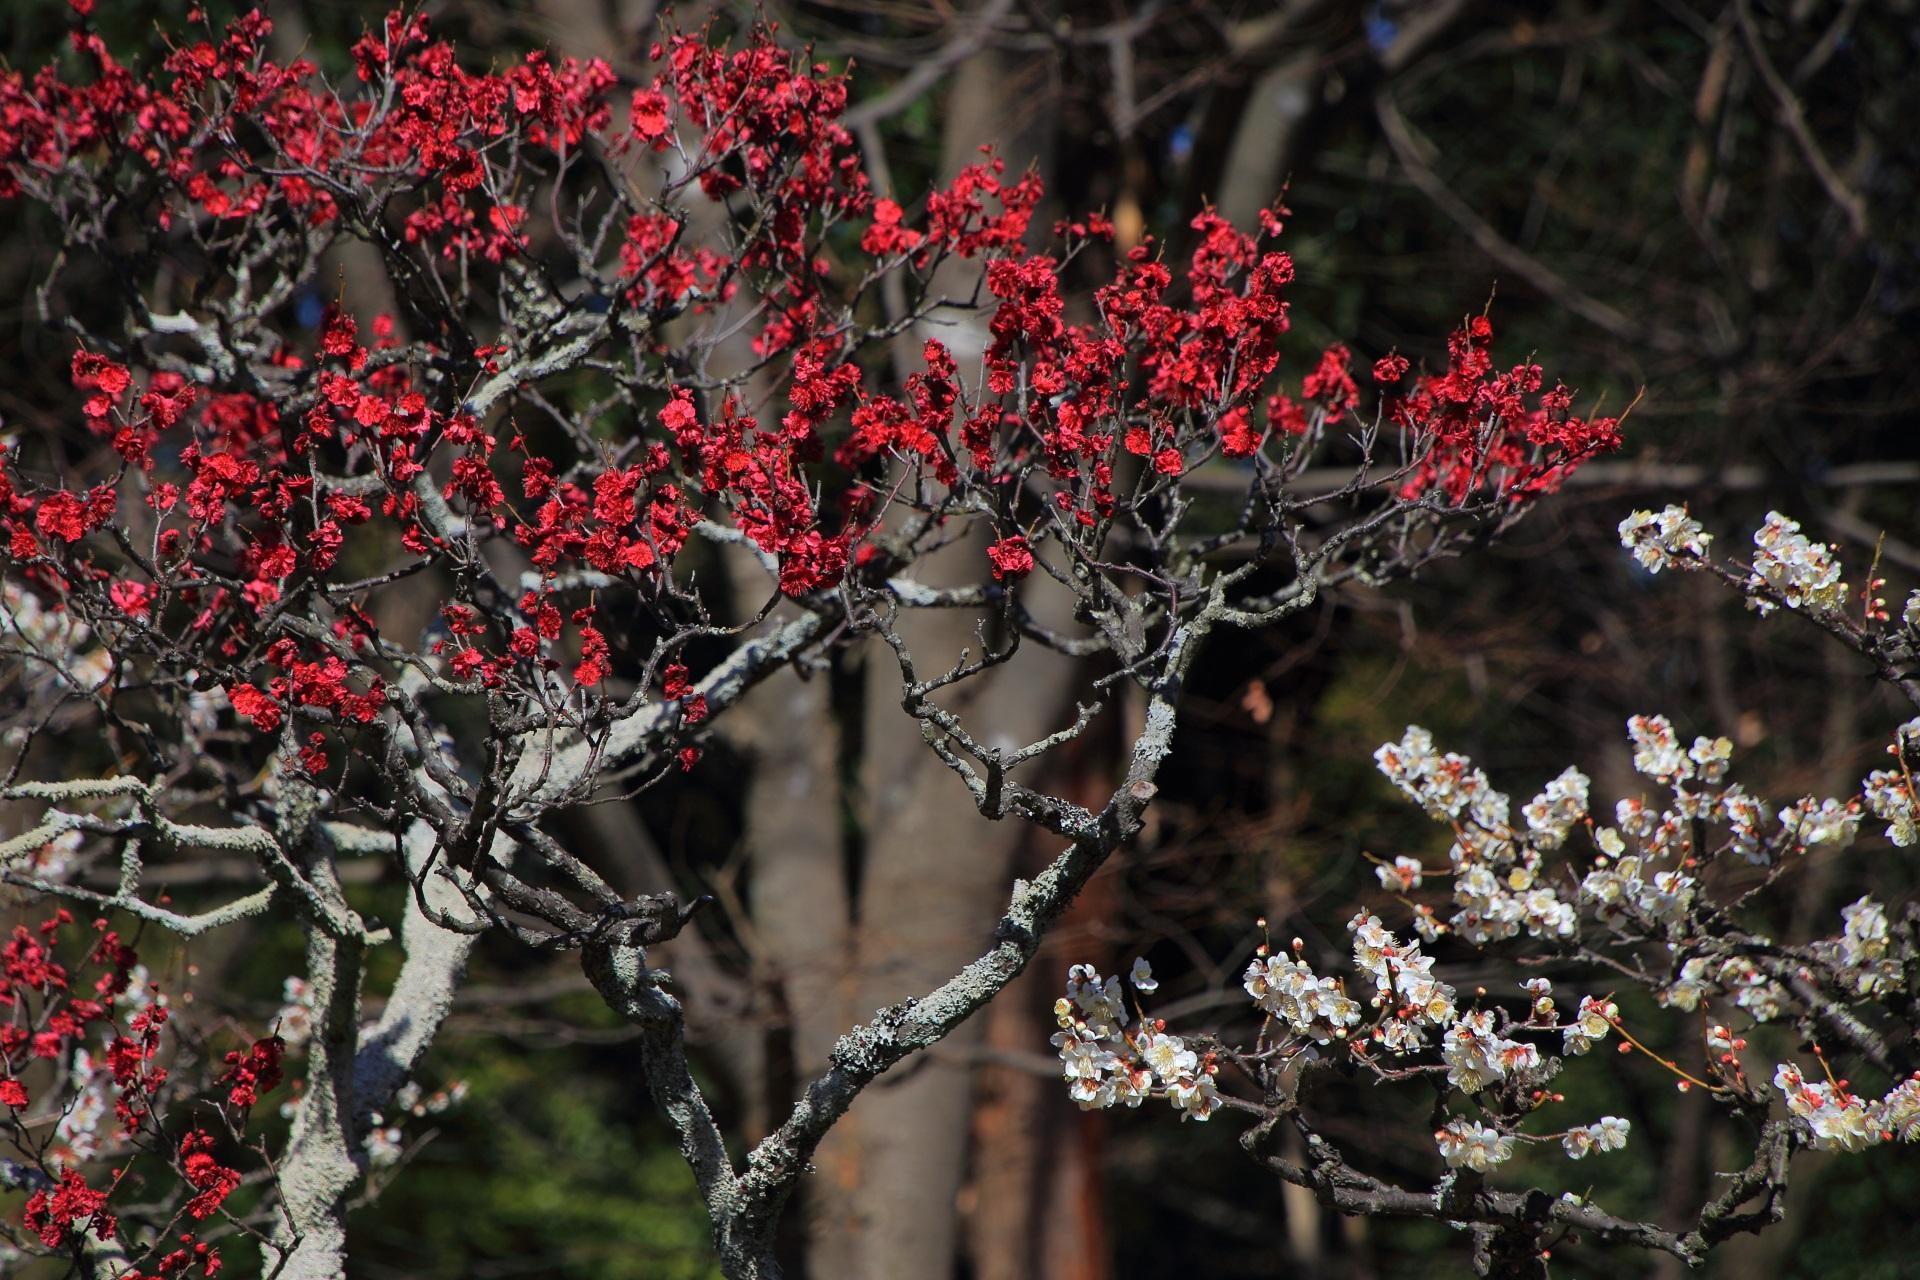 長岡天満宮の春を彩る煌く赤と輝く白